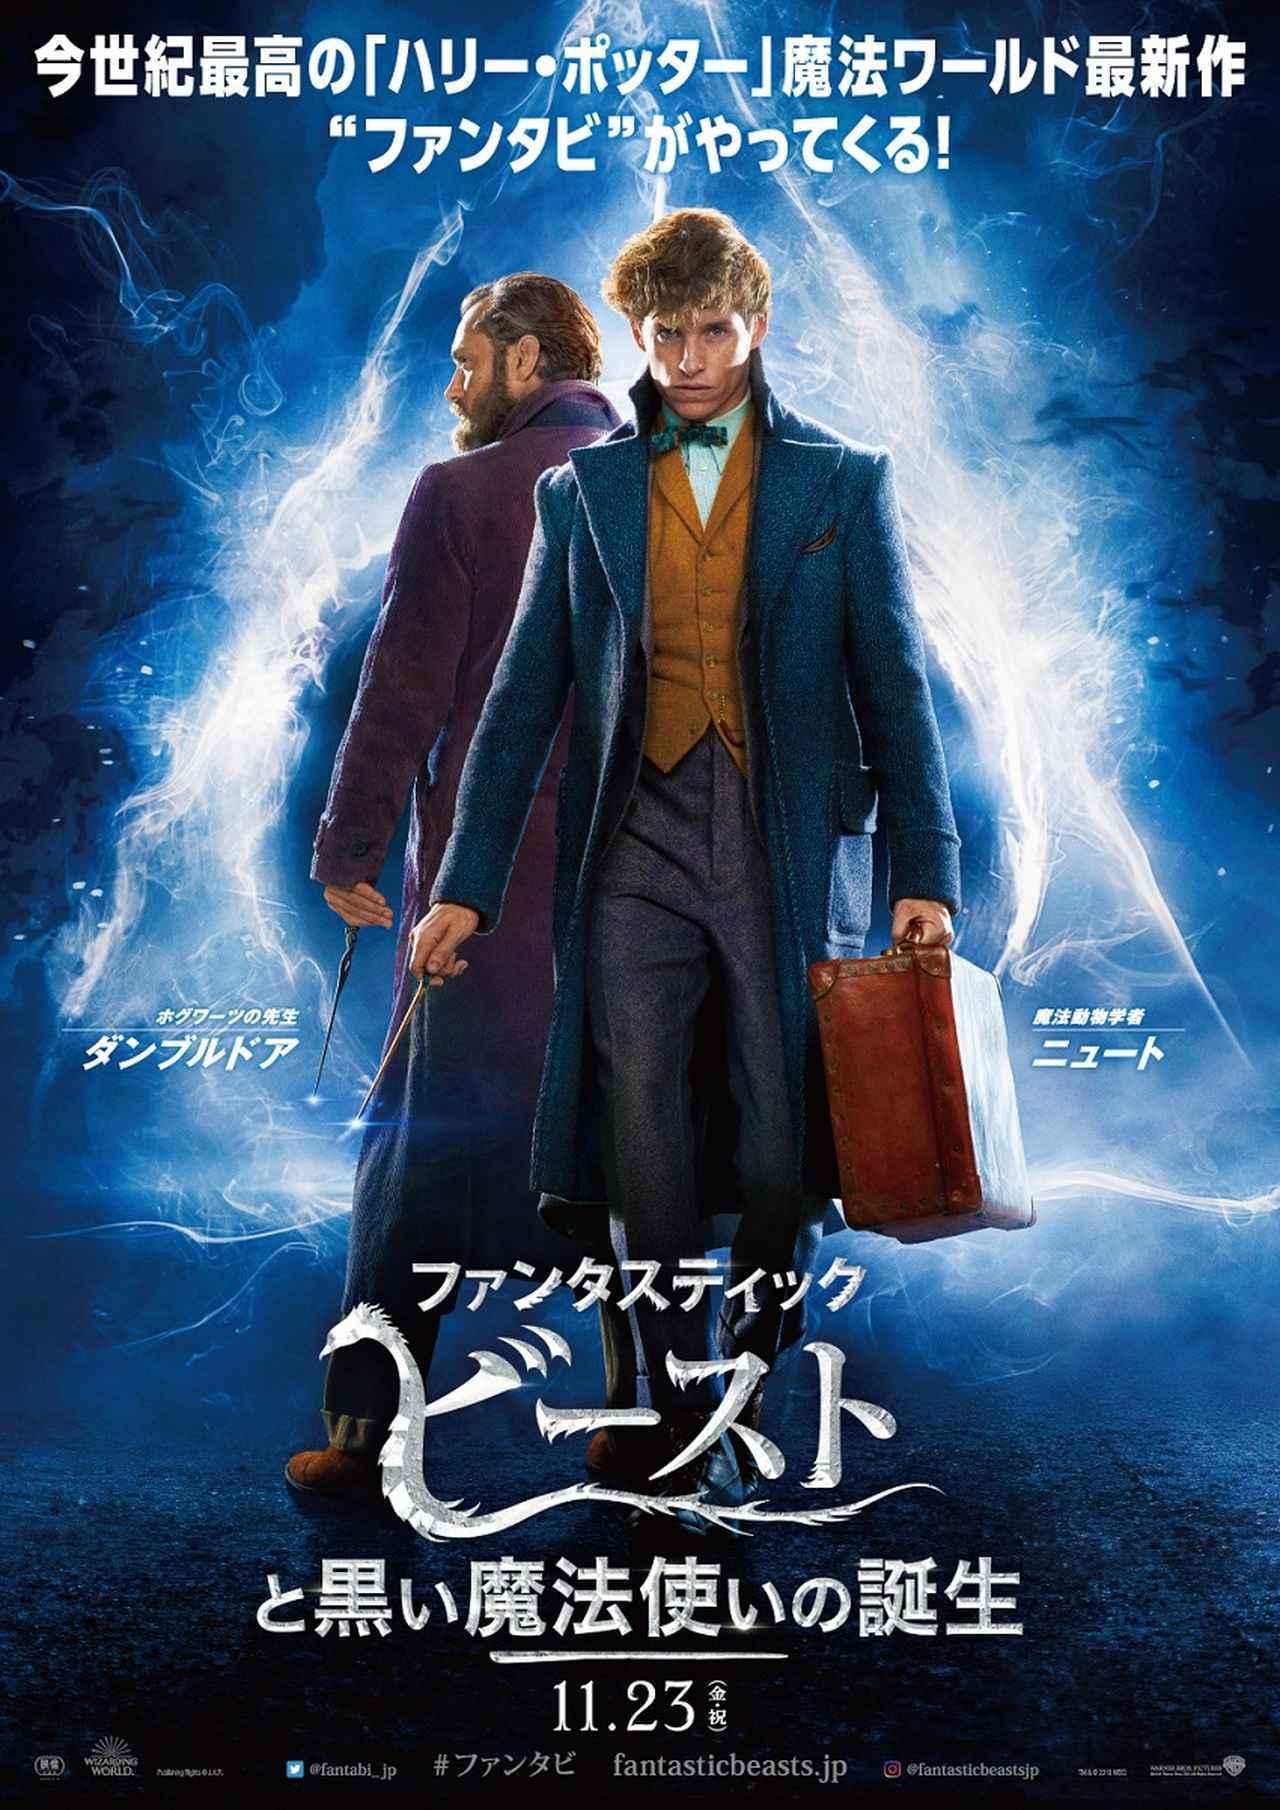 画像1: (C) 2018 Warner Bros. Ent.  All Rights Reserved Harry Potter and Fantastic Beasts Publishing Rights (C) J.K. Rowling